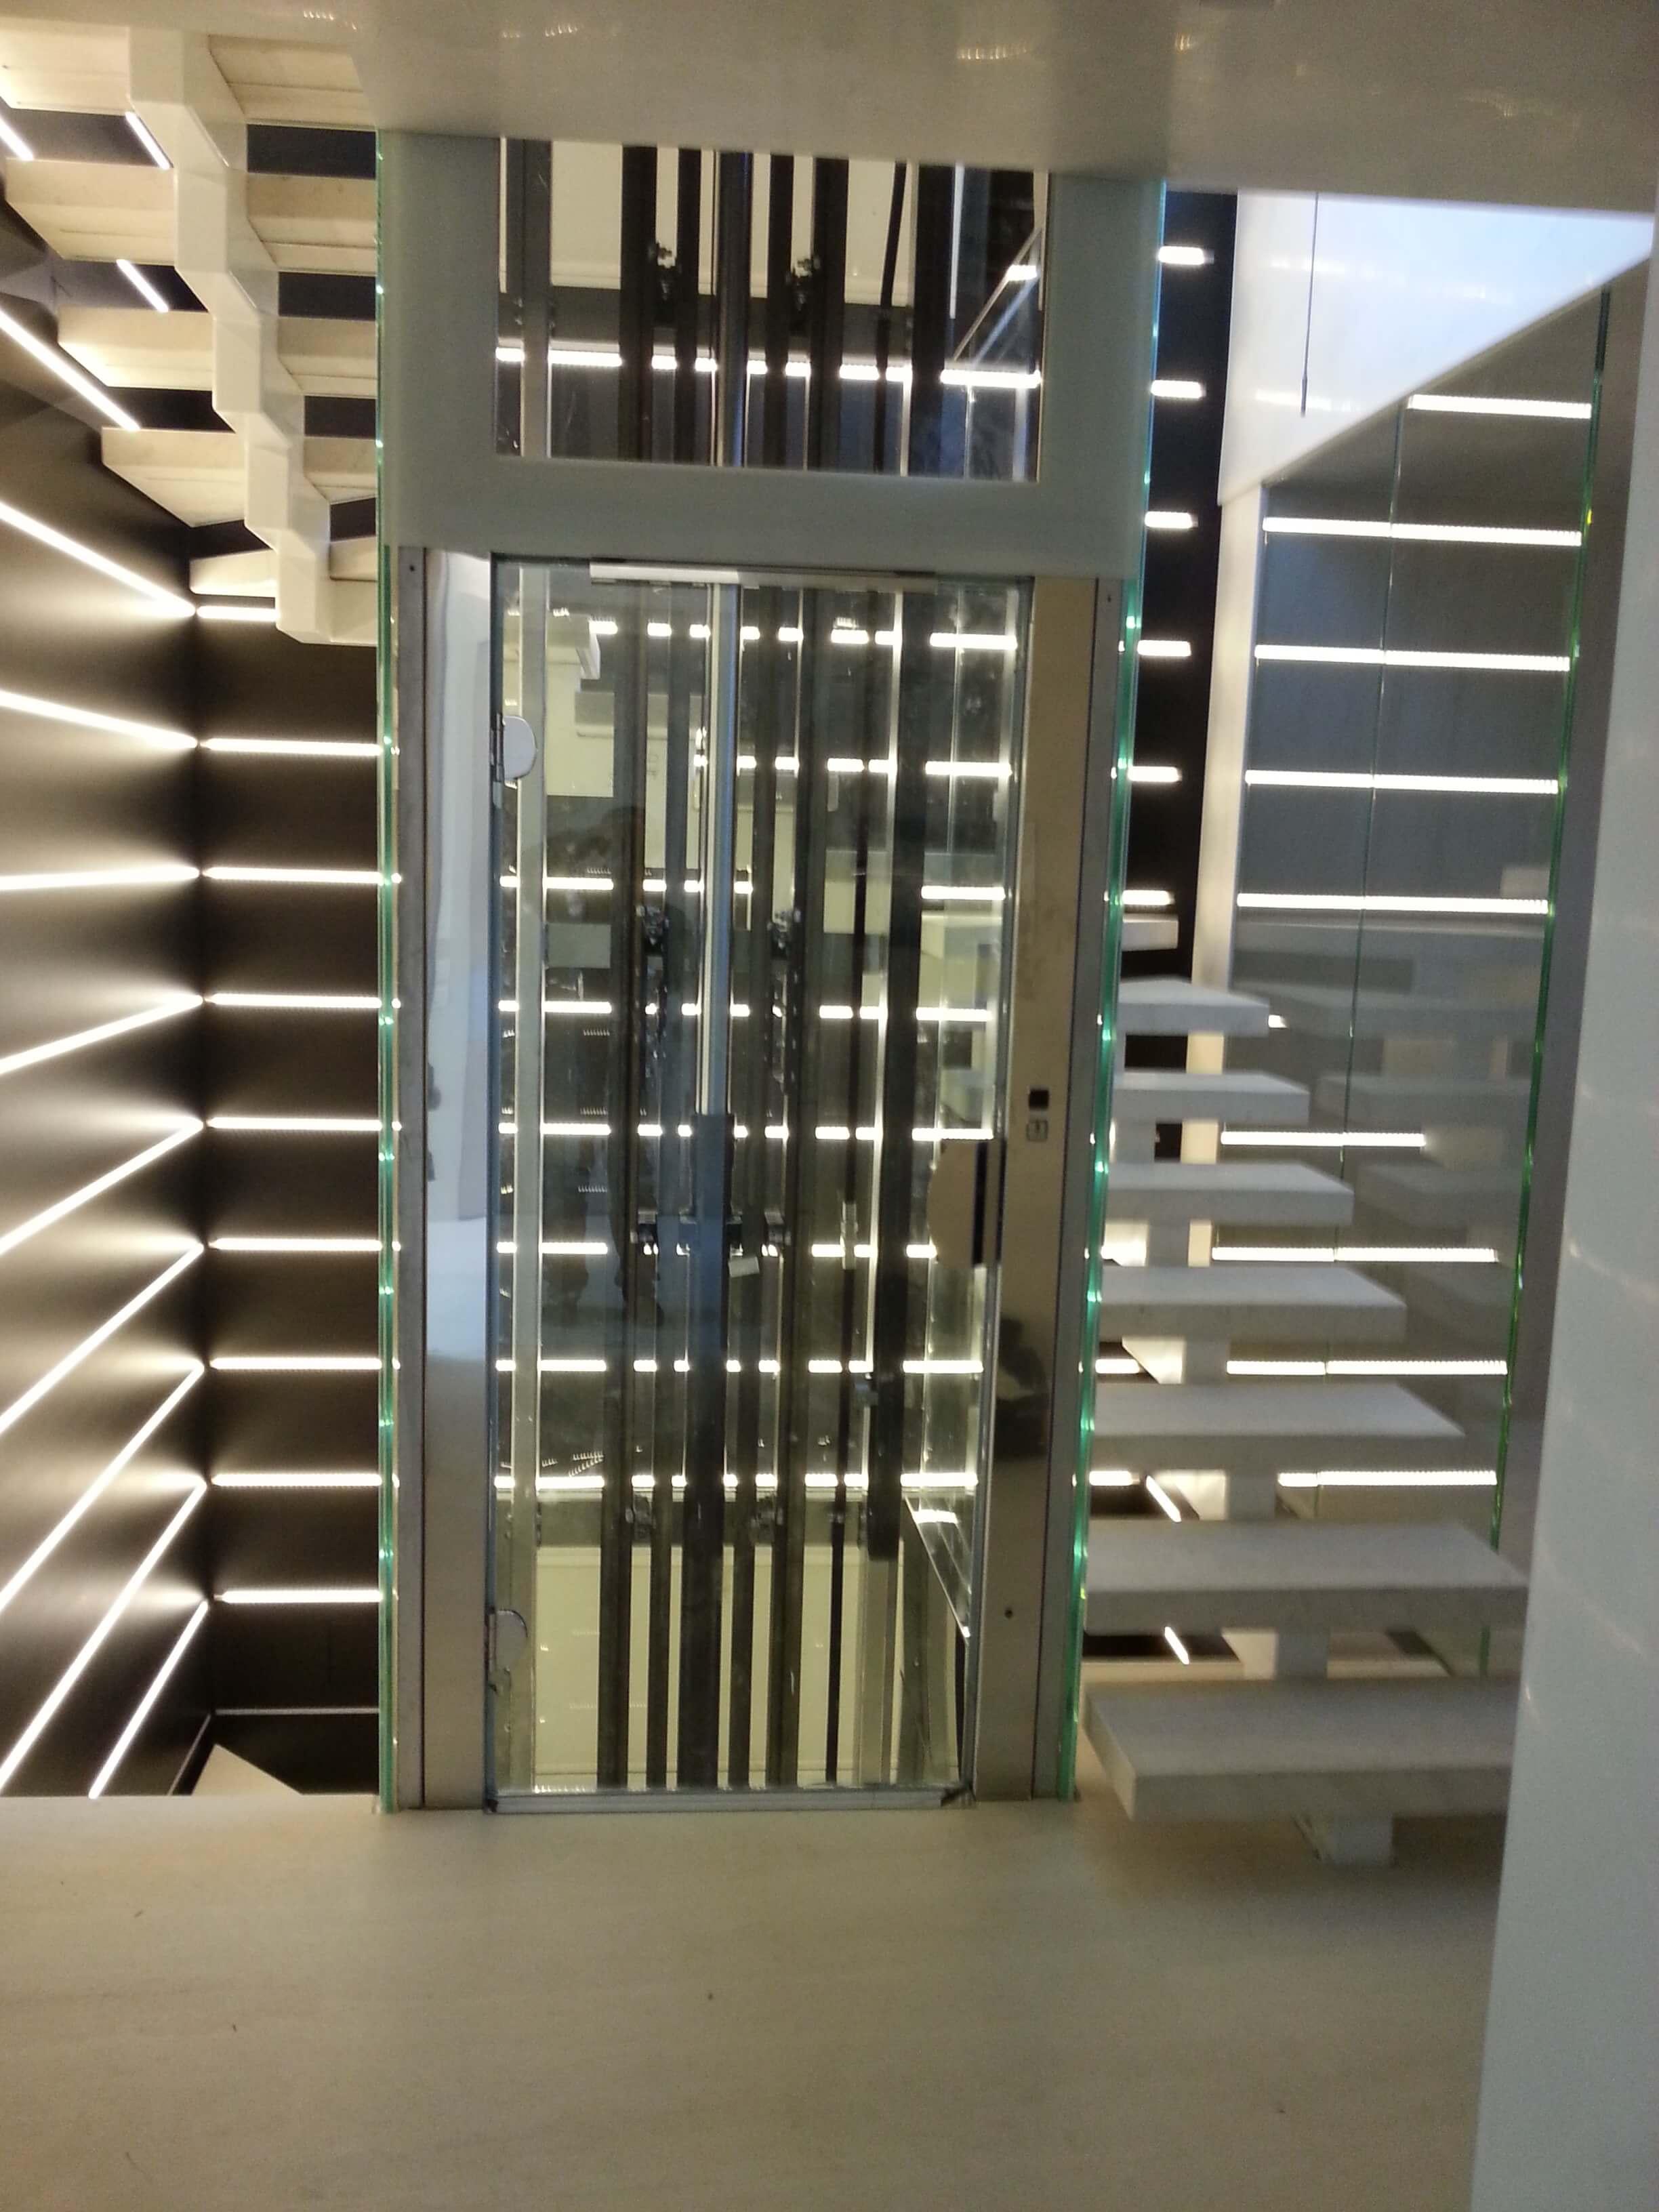 Piattaforma elevatrice panoramica realizzata in via della Spiga a Milano